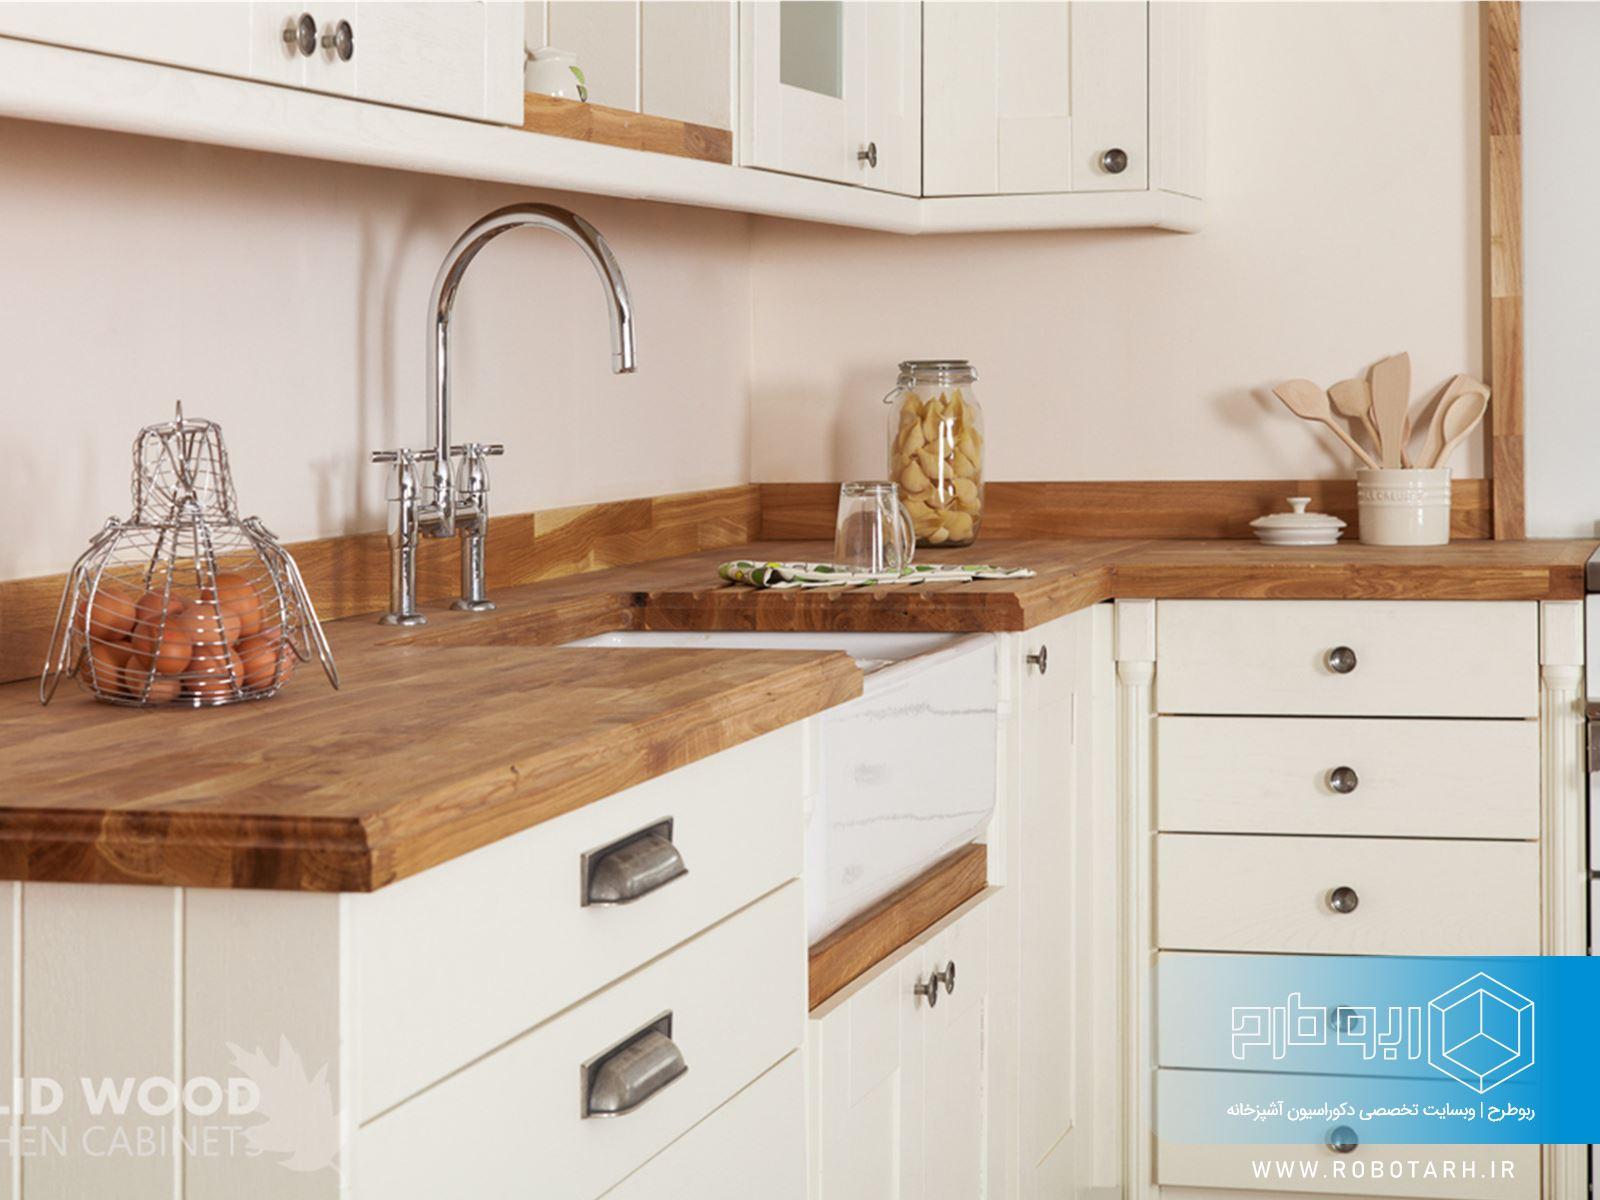 ترکیب رنگ قهوه ای و کرم در کابینت آشپزخانه